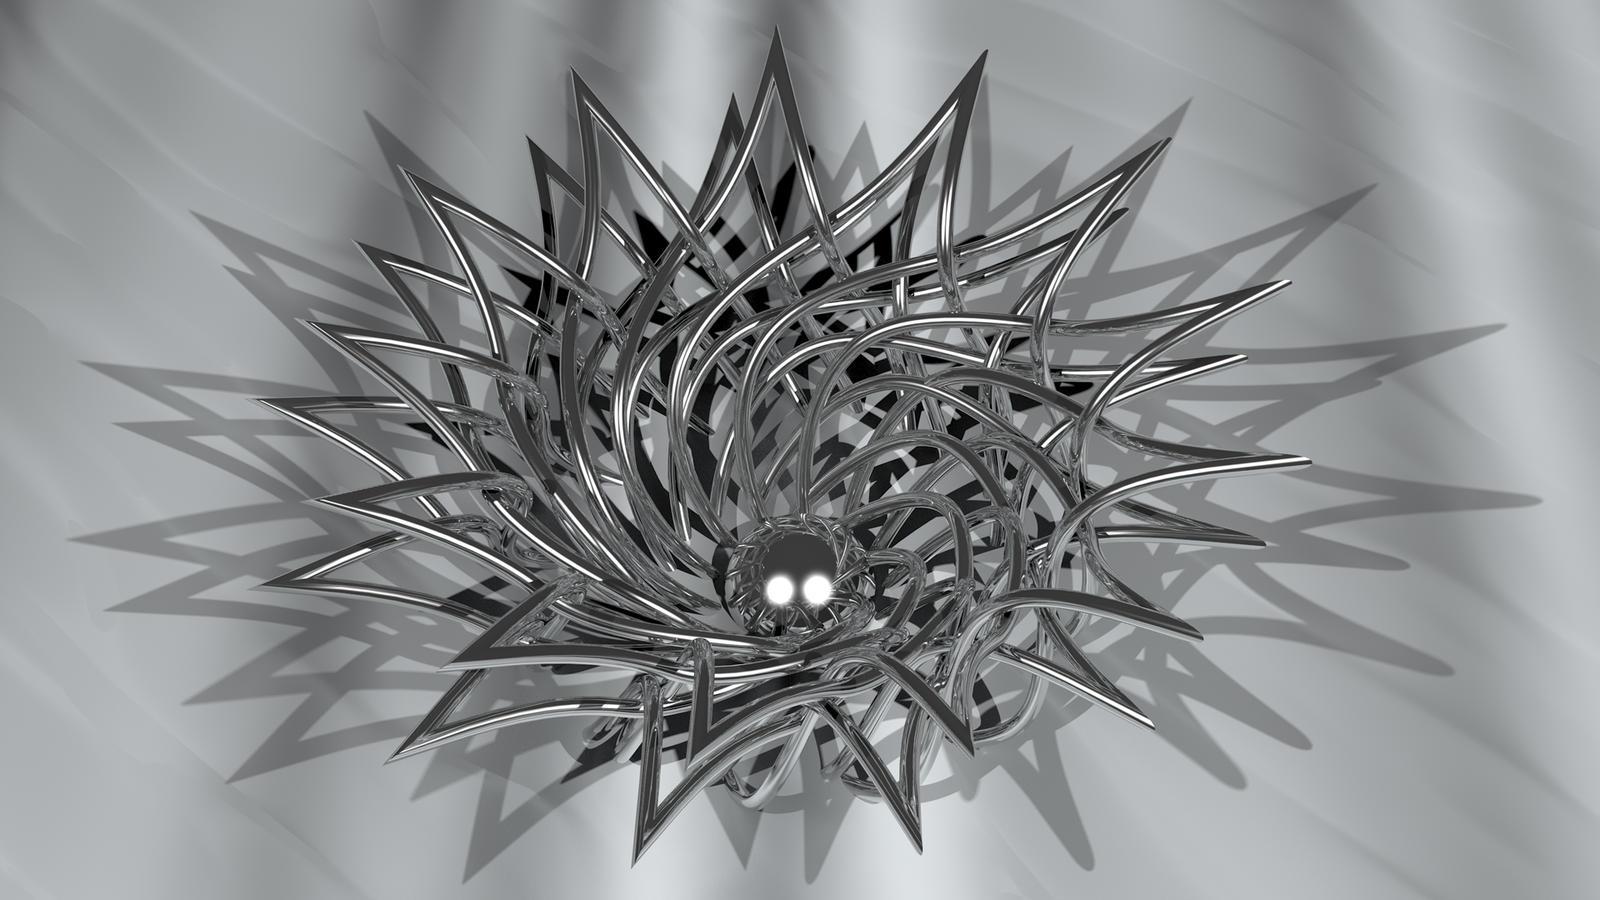 Spun Silver by TylerXy